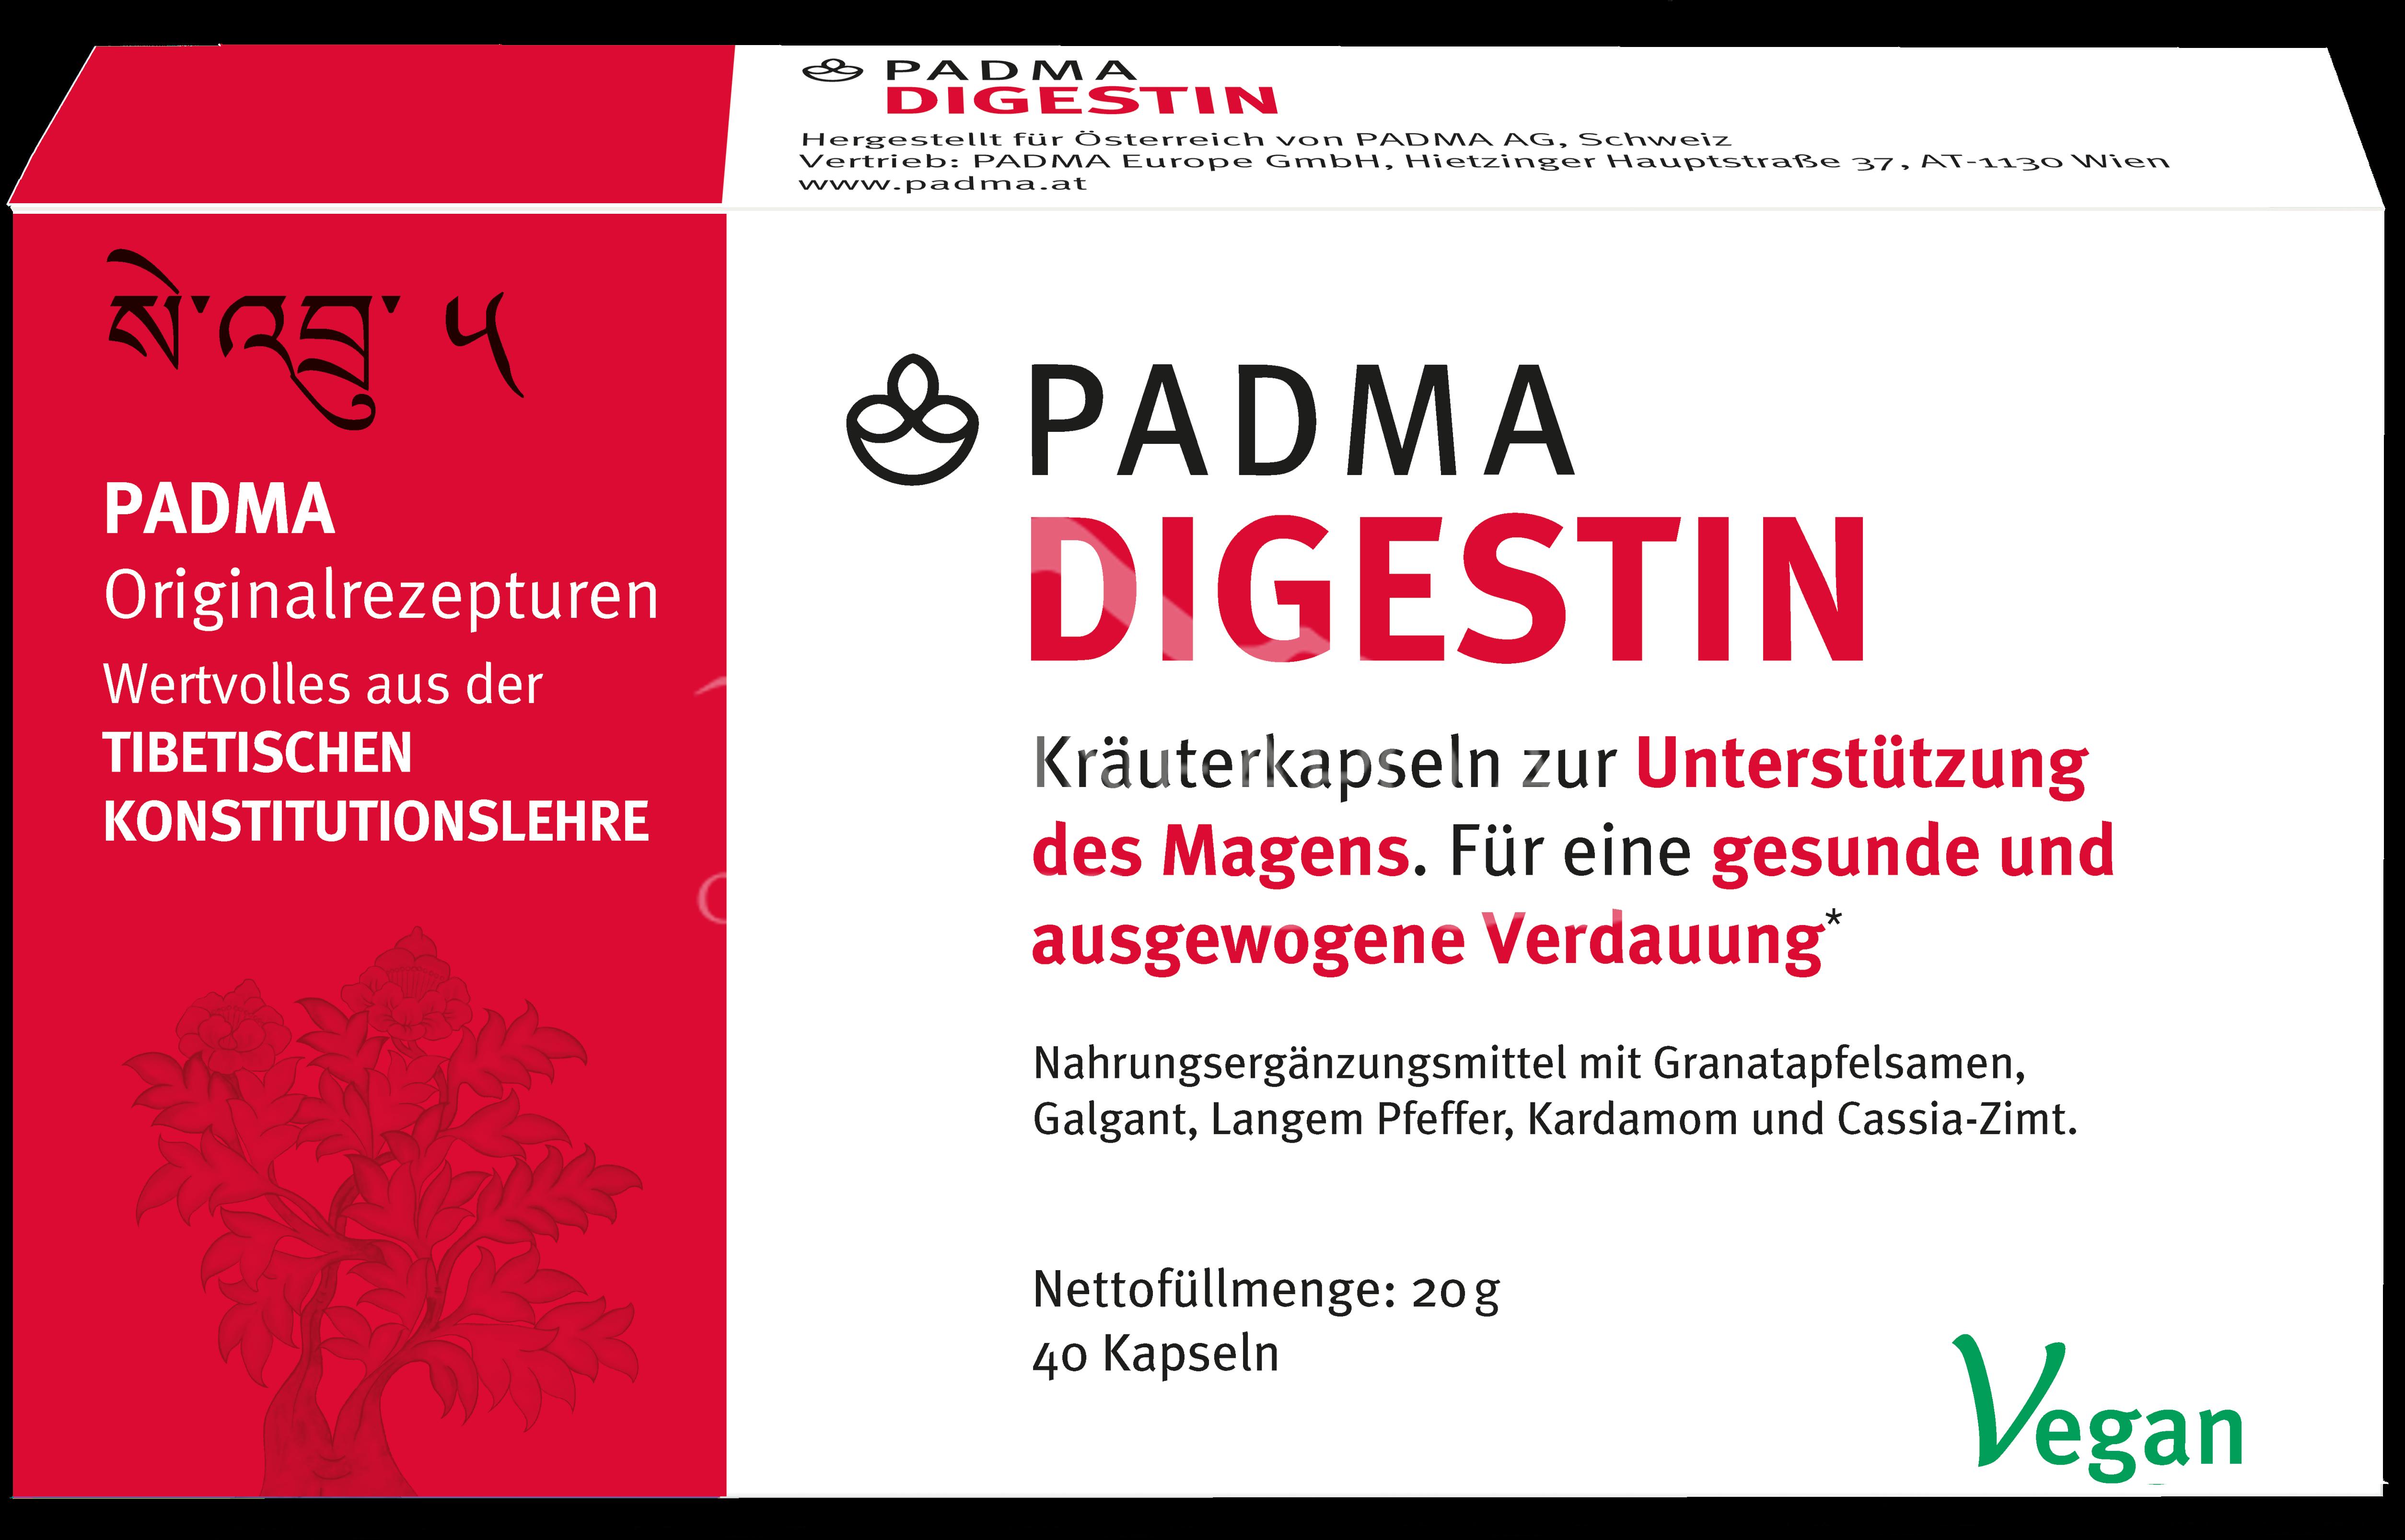 PADMA Digestin